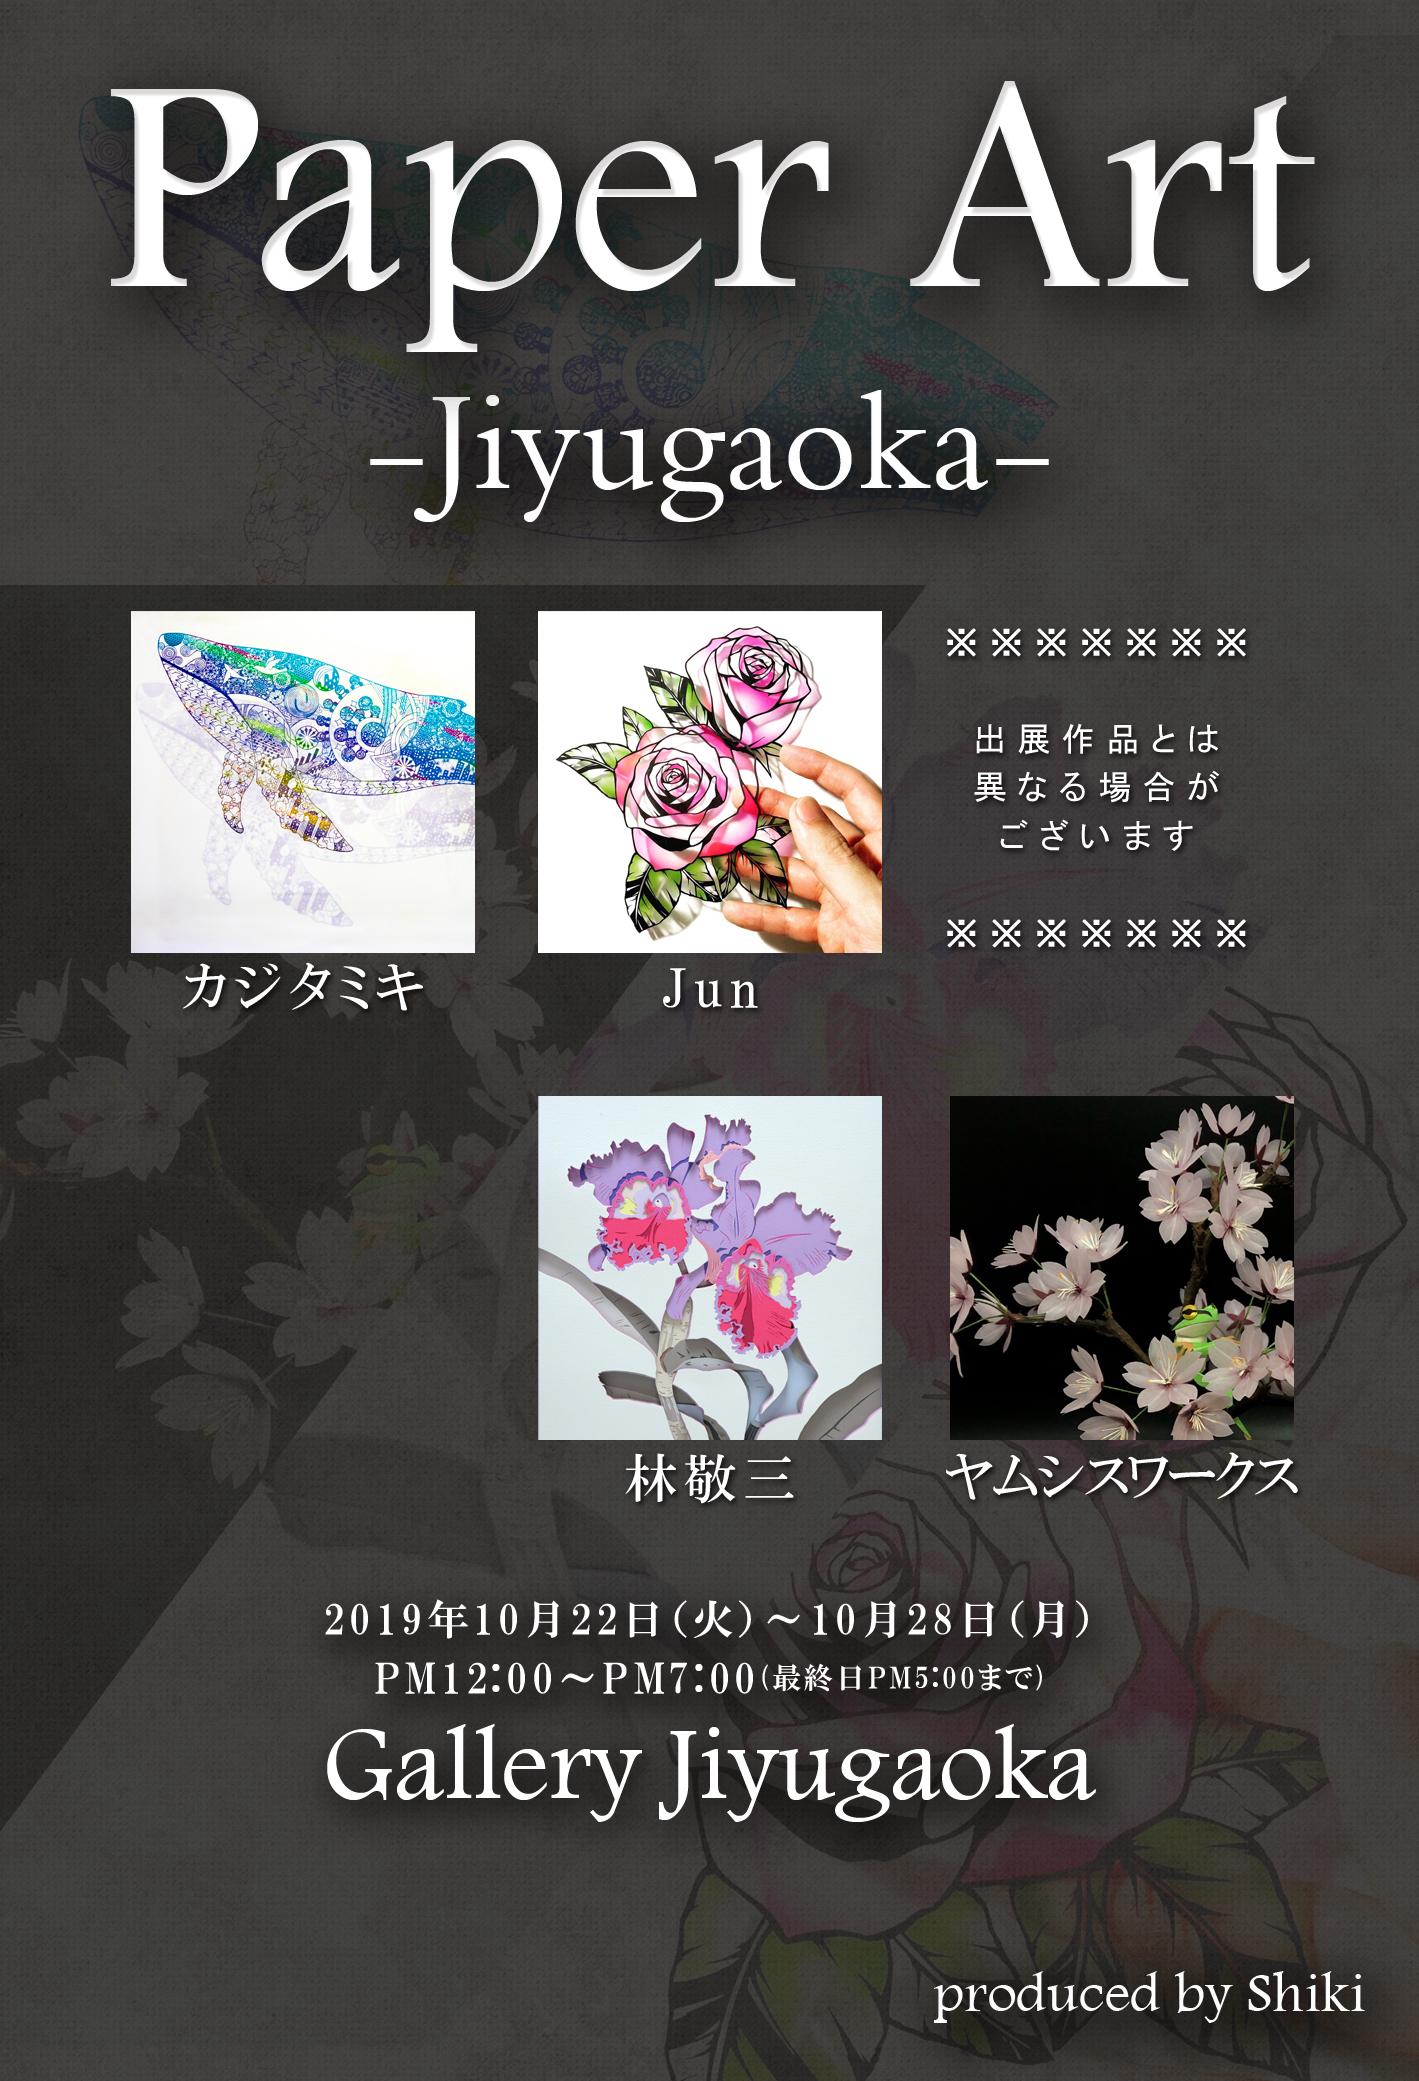 Paper Art -Jiyugaoka-